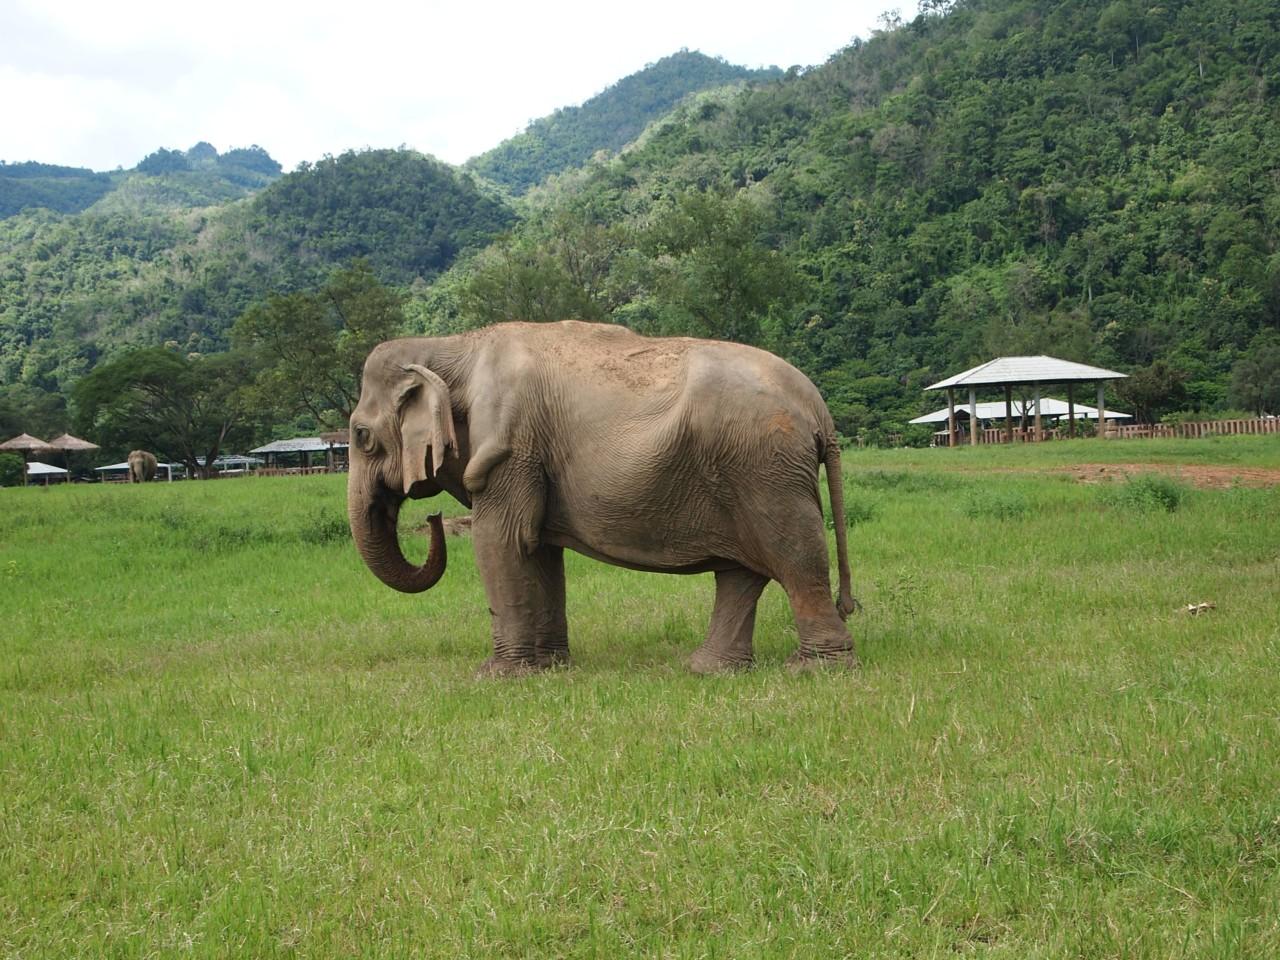 Bei der Arbeit ist diesem Elefanten ein schwerer Gegenstand auf den Rücken gefallen, wodurch einige seiner Knochen gebrochen sind. Dabei ist der seltsame Knick entstanden. Auch deshalb ist Elefantenreiten nicht besonders gut für die Elefanten, da ihre Knochen im Rücken leicht brechen können.